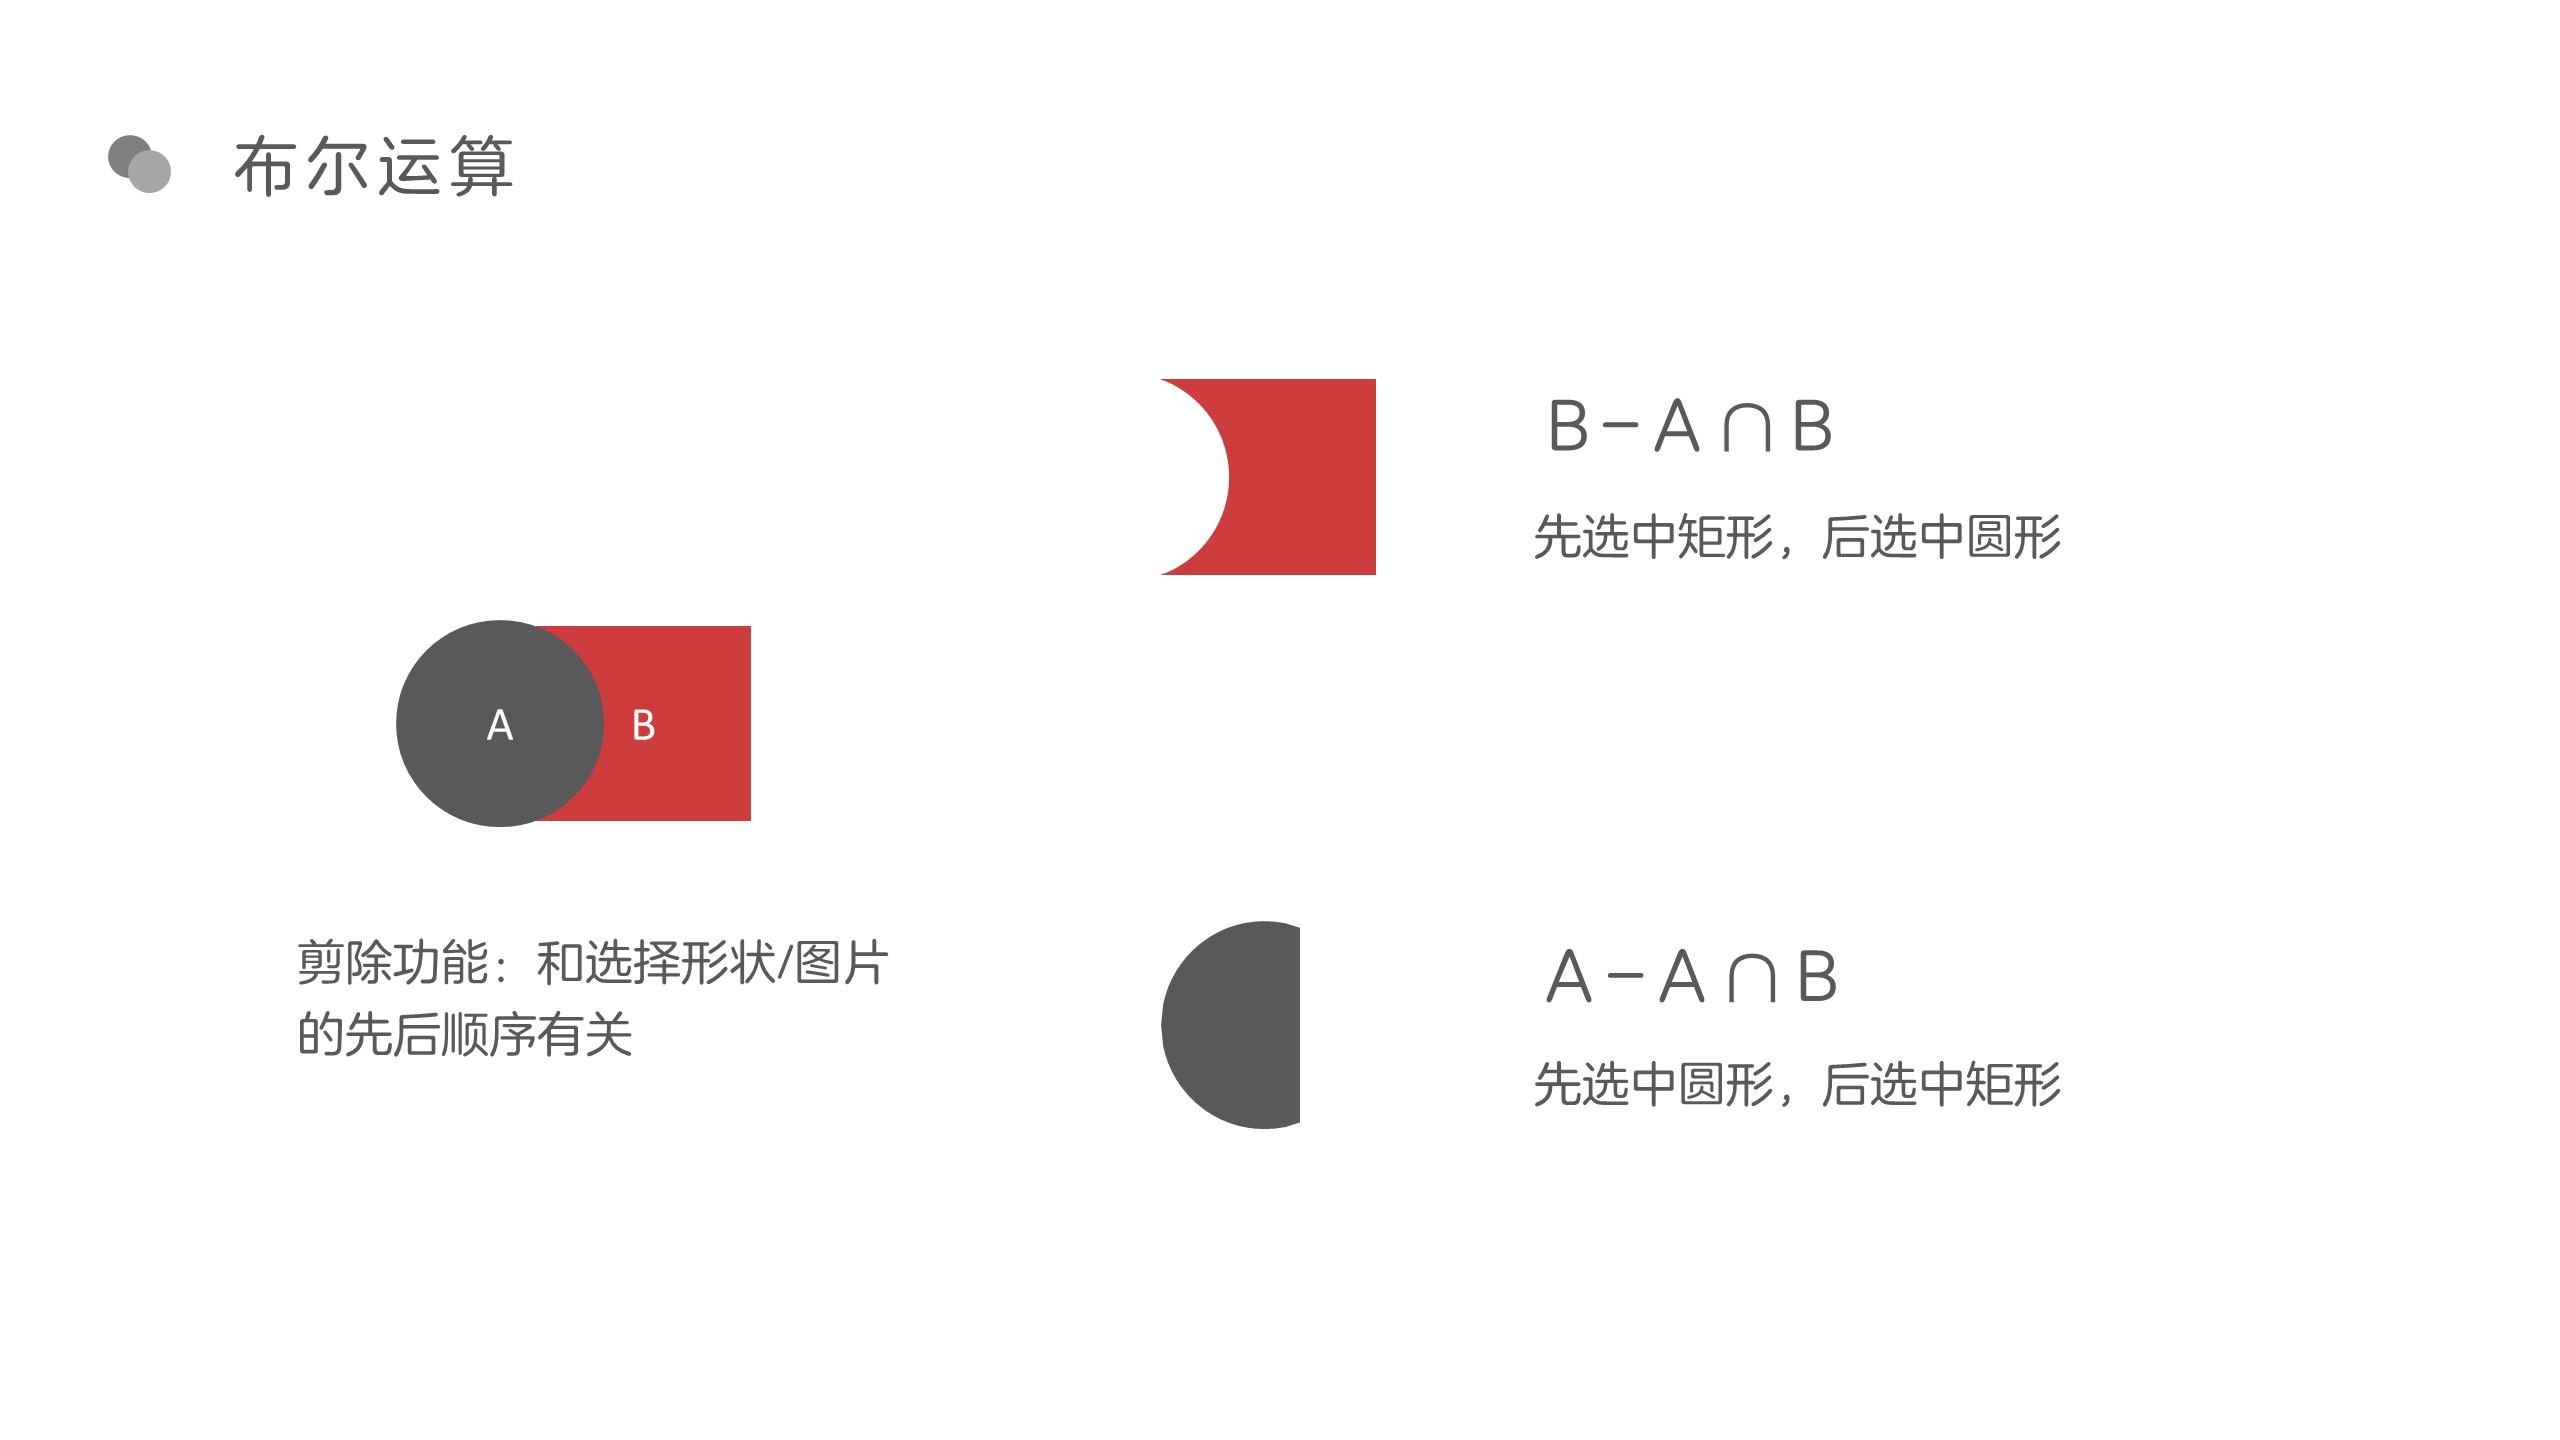 幻灯片中的布尔运算 君陵的PPT小院杂谈5